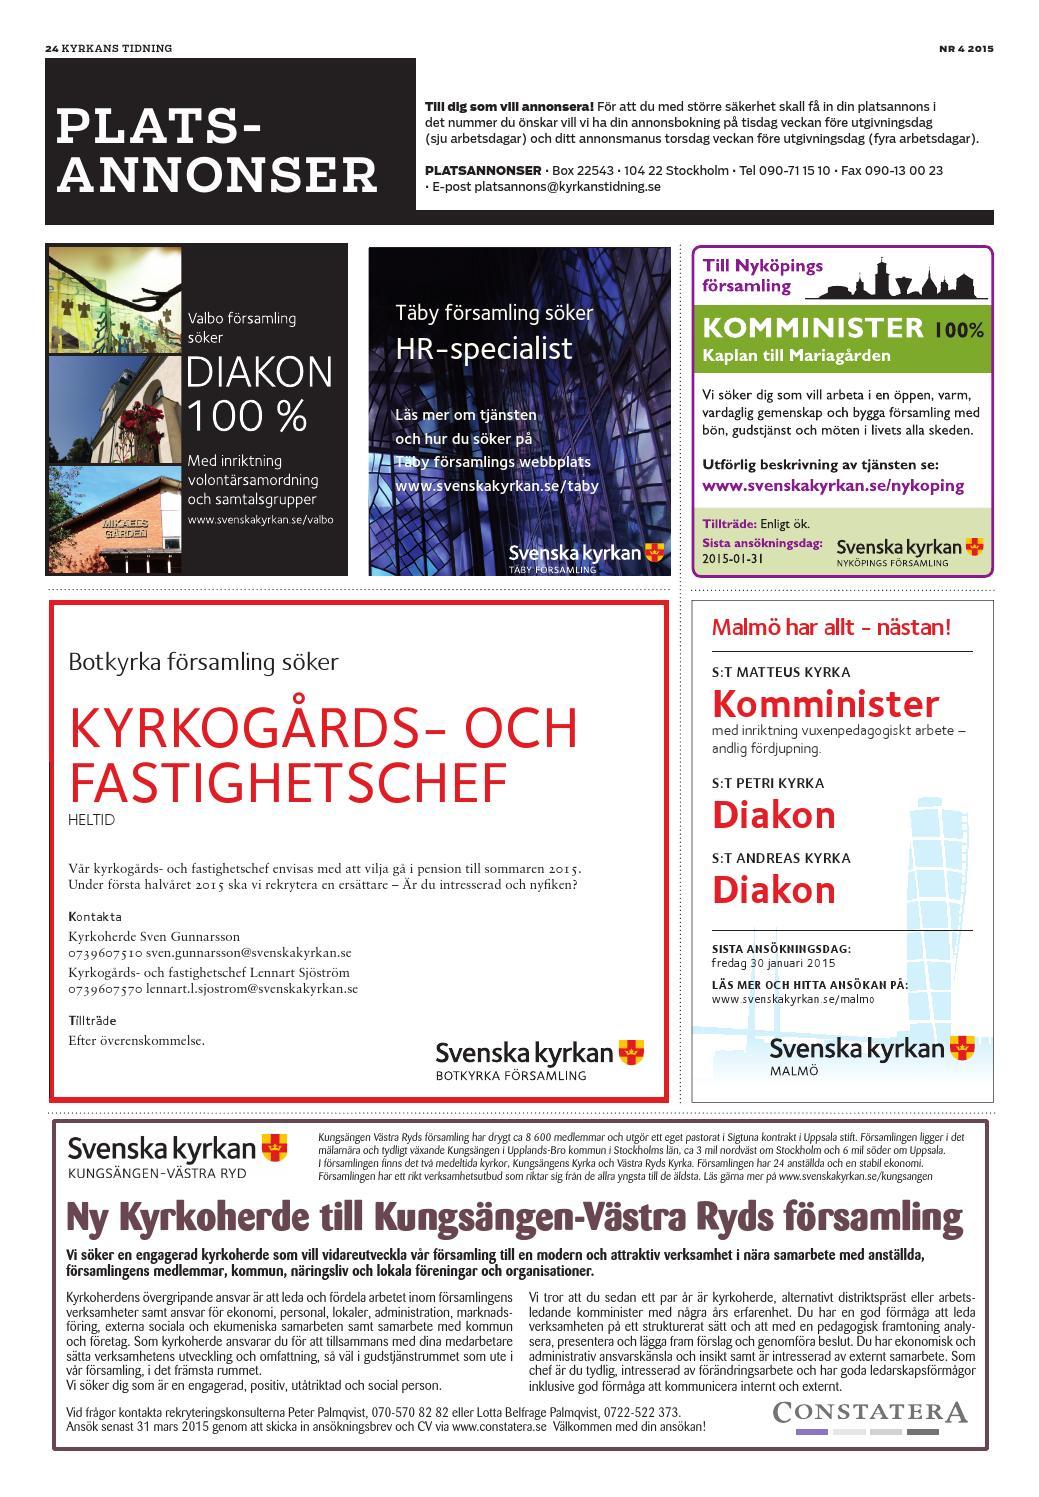 Duffelvgen 4 Stockholms Ln, Kungsngen - patient-survey.net